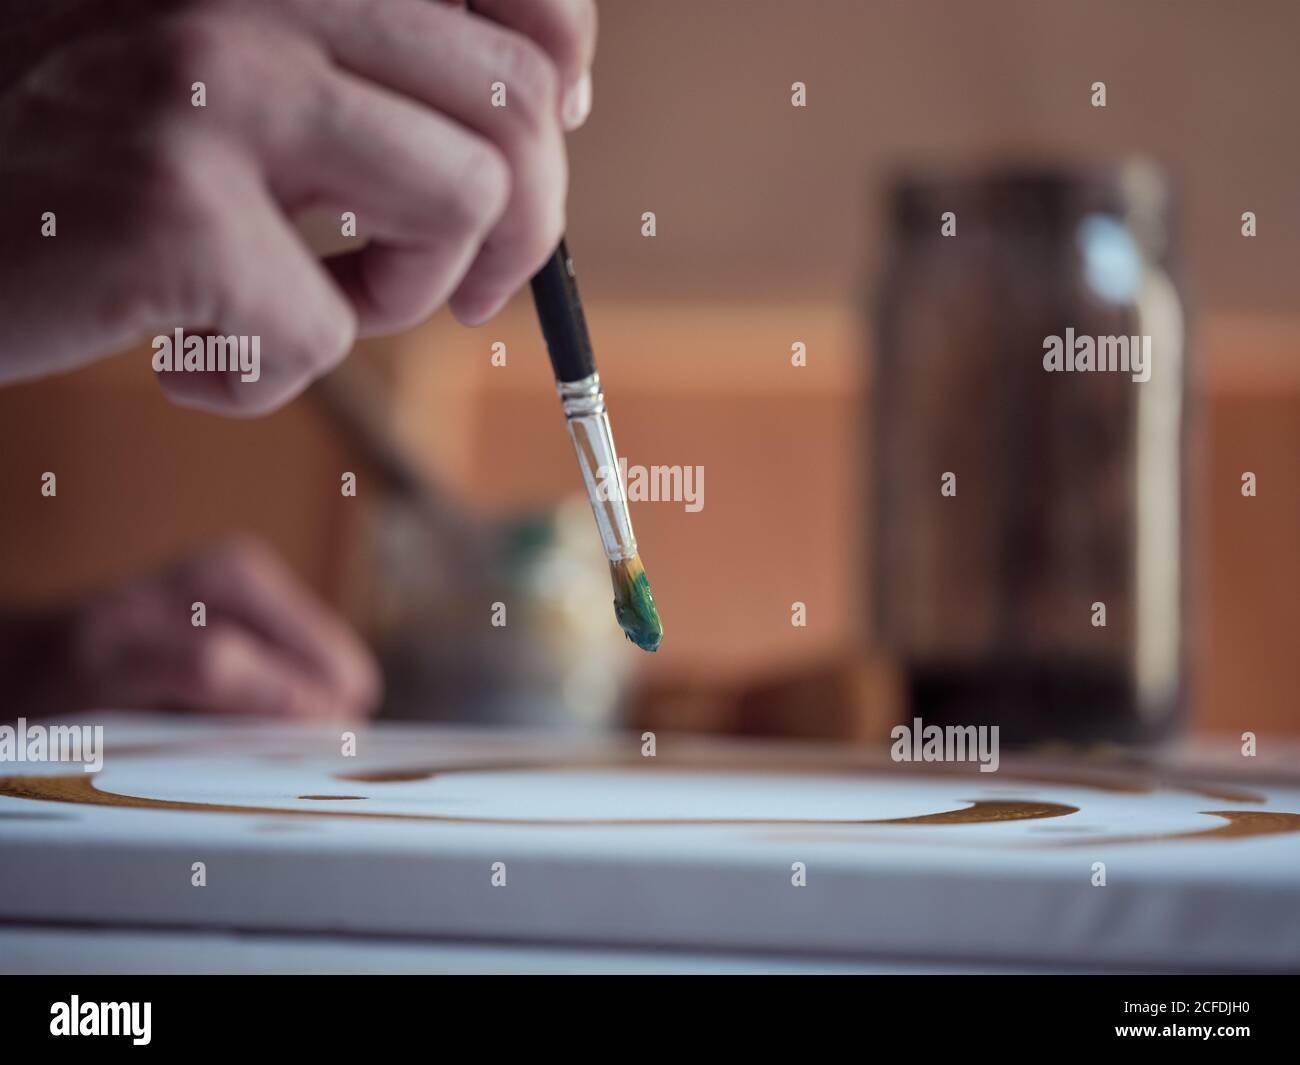 Nahaufnahme Hand des anonymen Künstlers mit Pinsel und grüne Farbe Zum Zeichnen von Bildern auf Leinwand im Studio Stockfoto